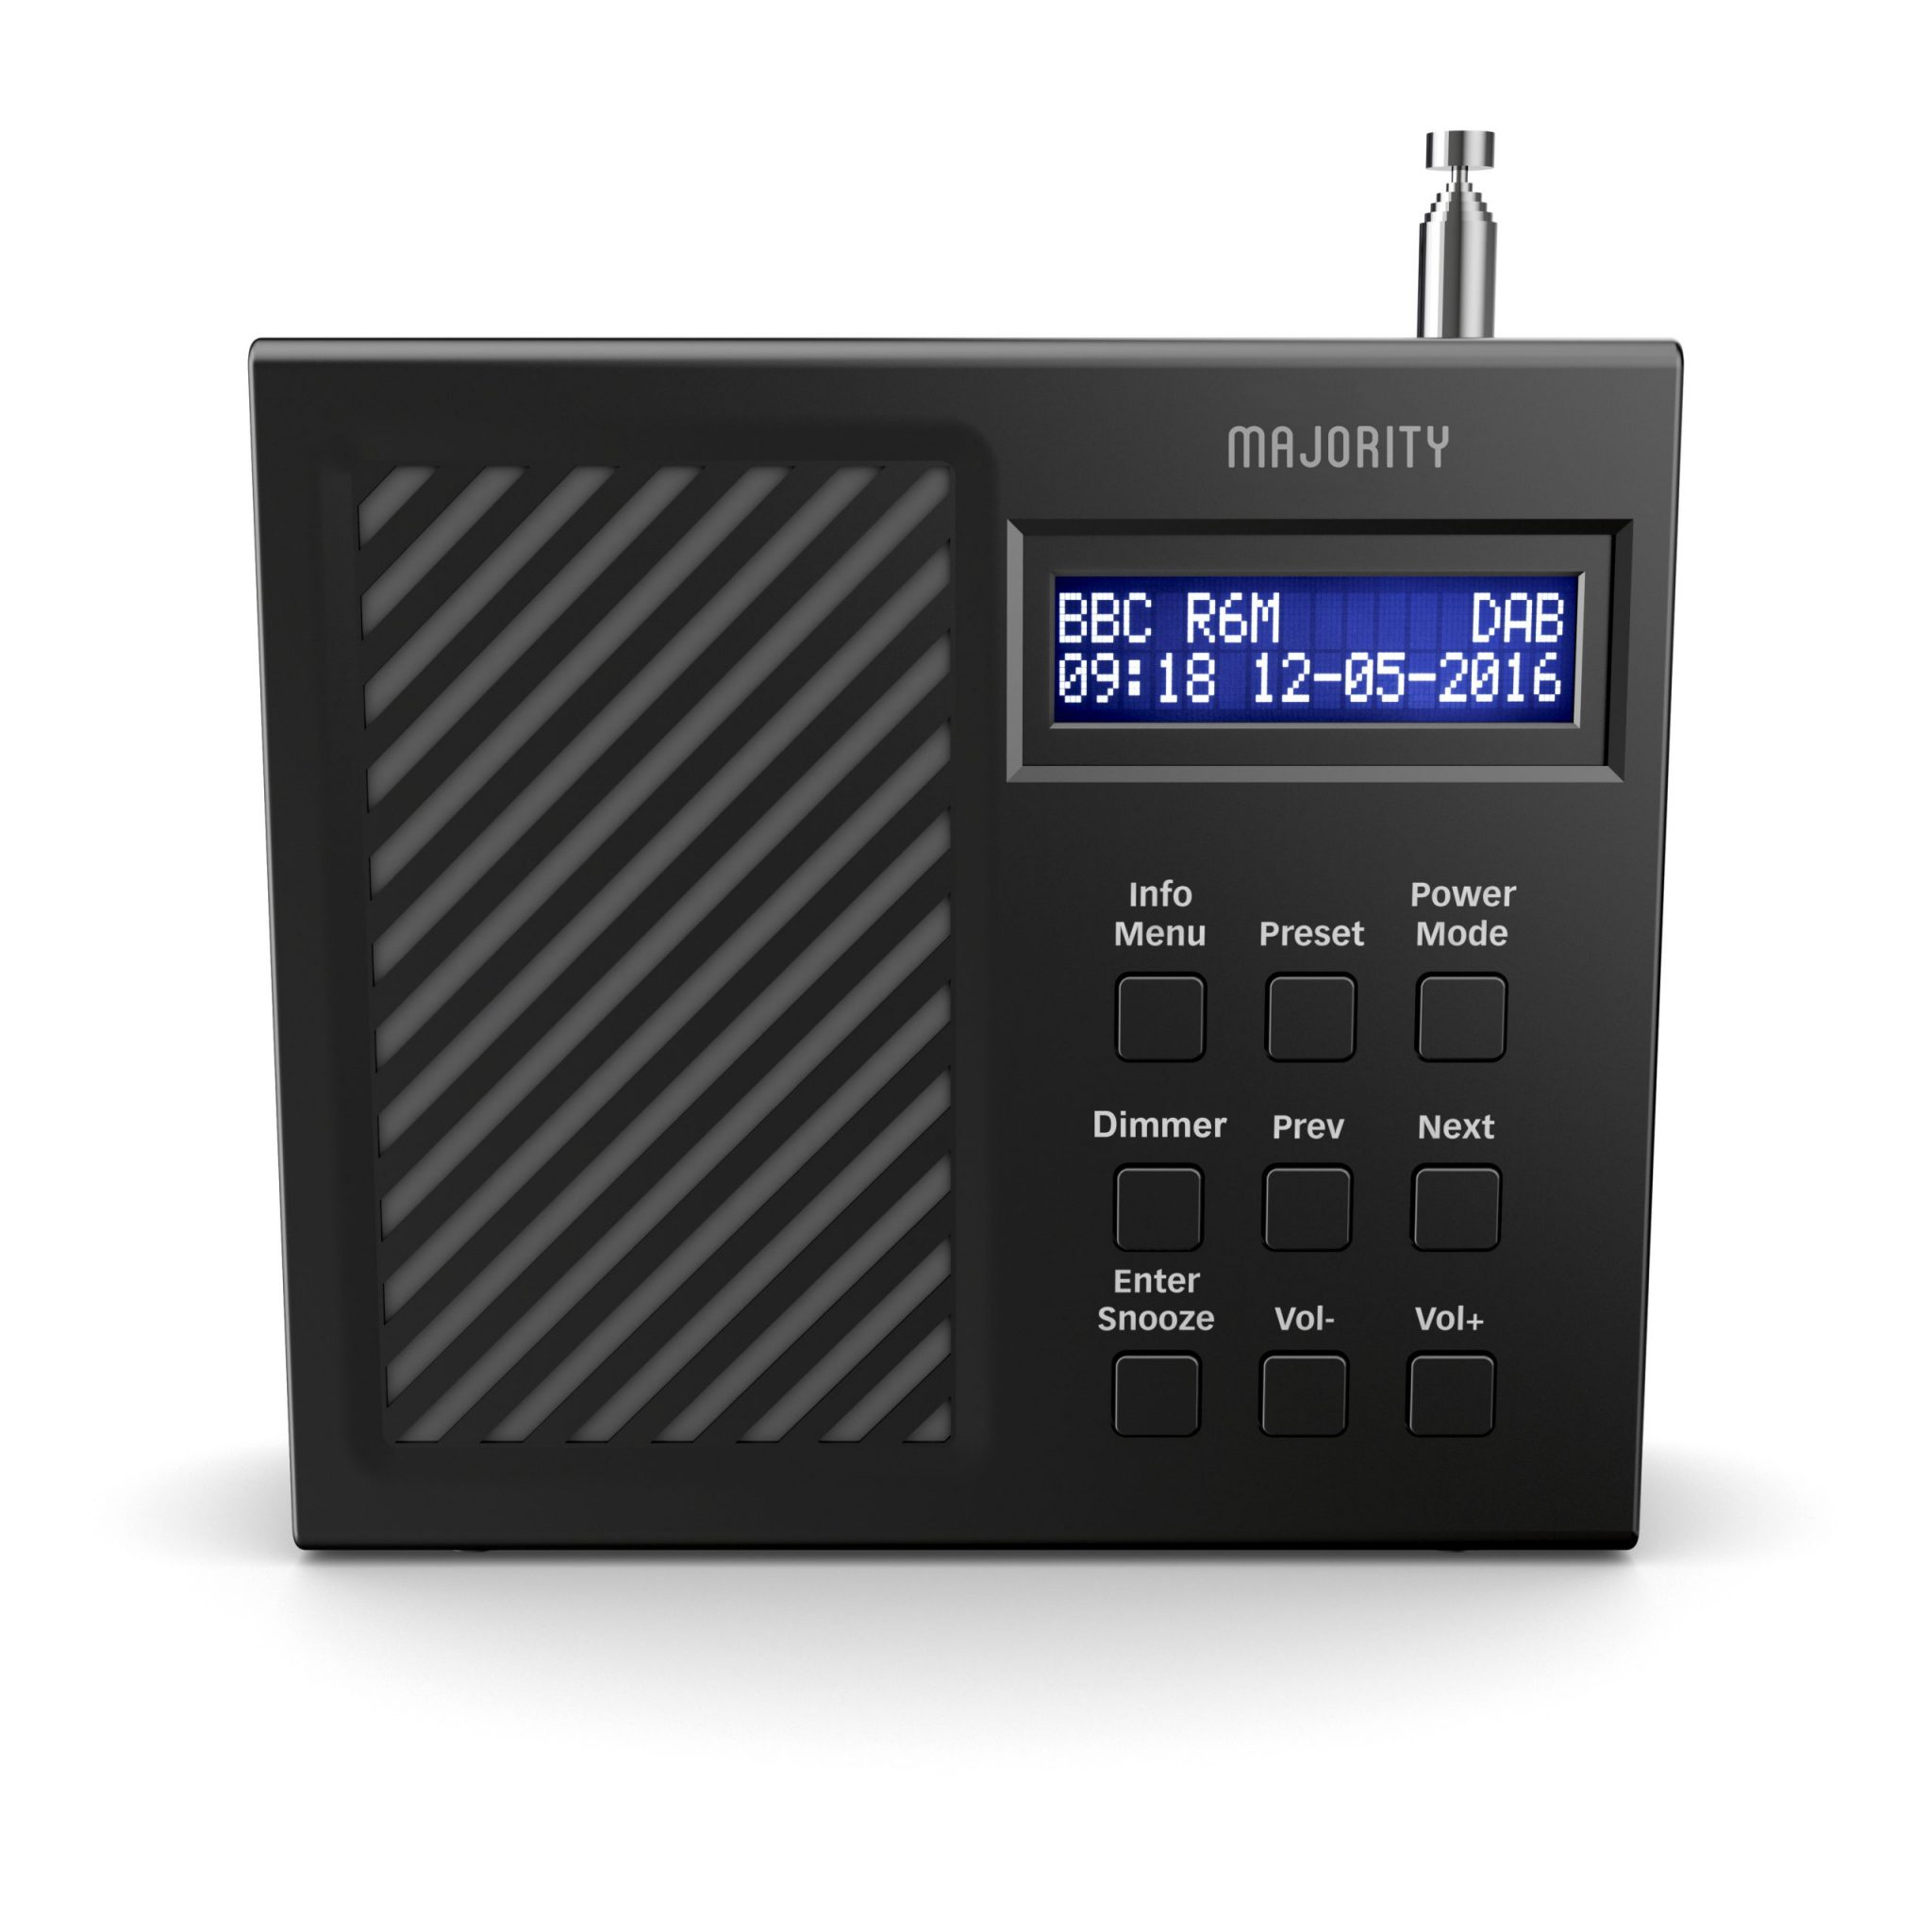 DAB Radio Alarm Clock - Arbury